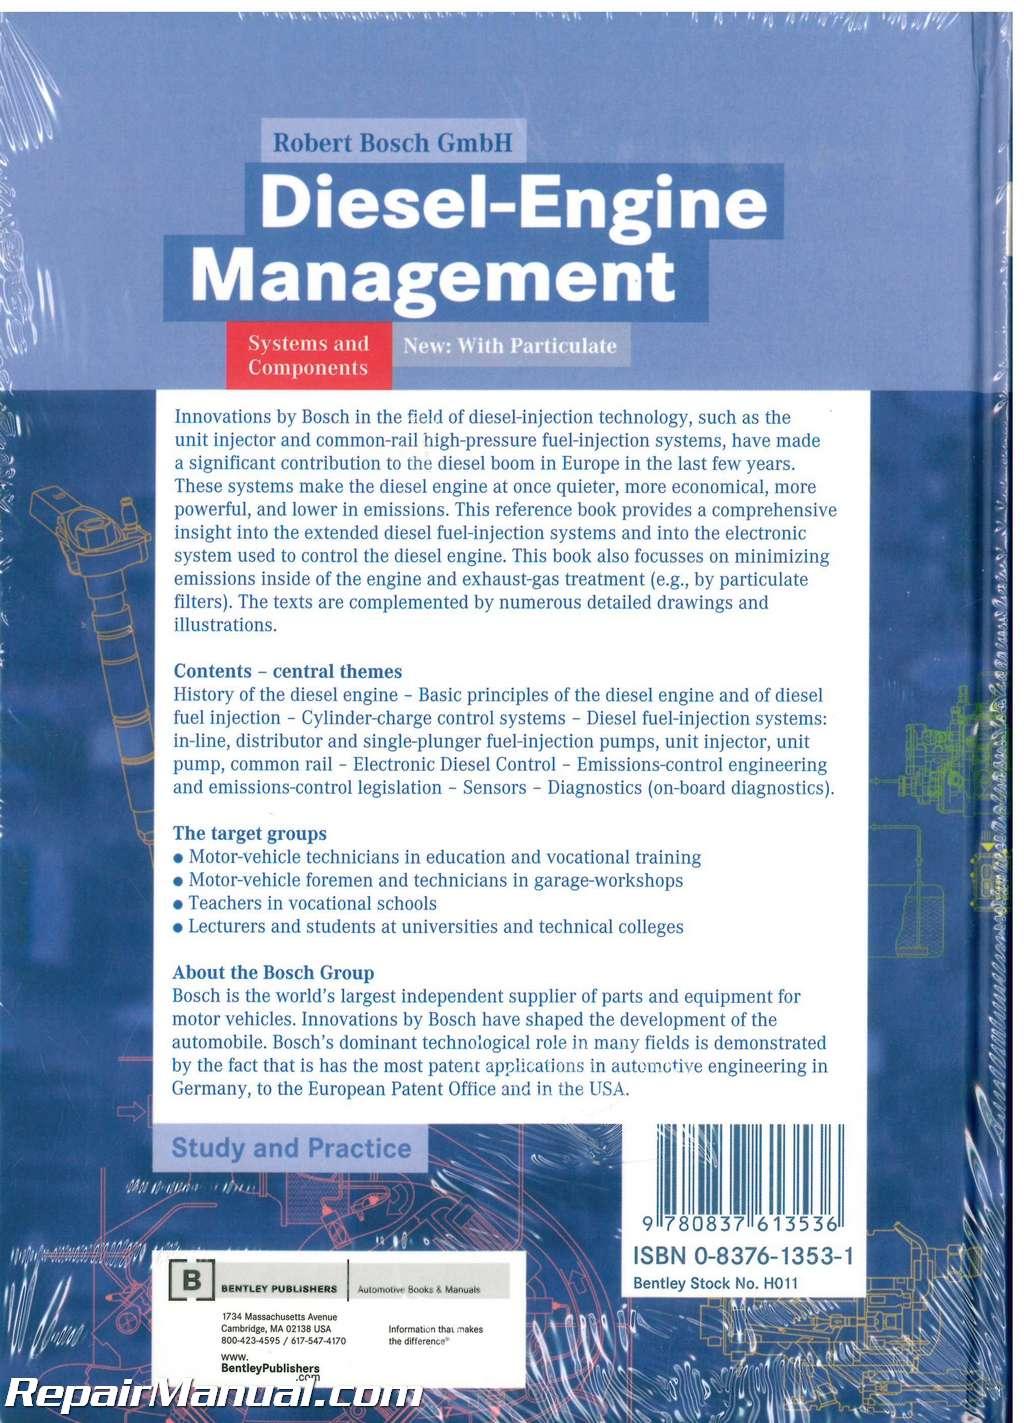 bosch diesel engine management 4th edition h011 ebay. Black Bedroom Furniture Sets. Home Design Ideas